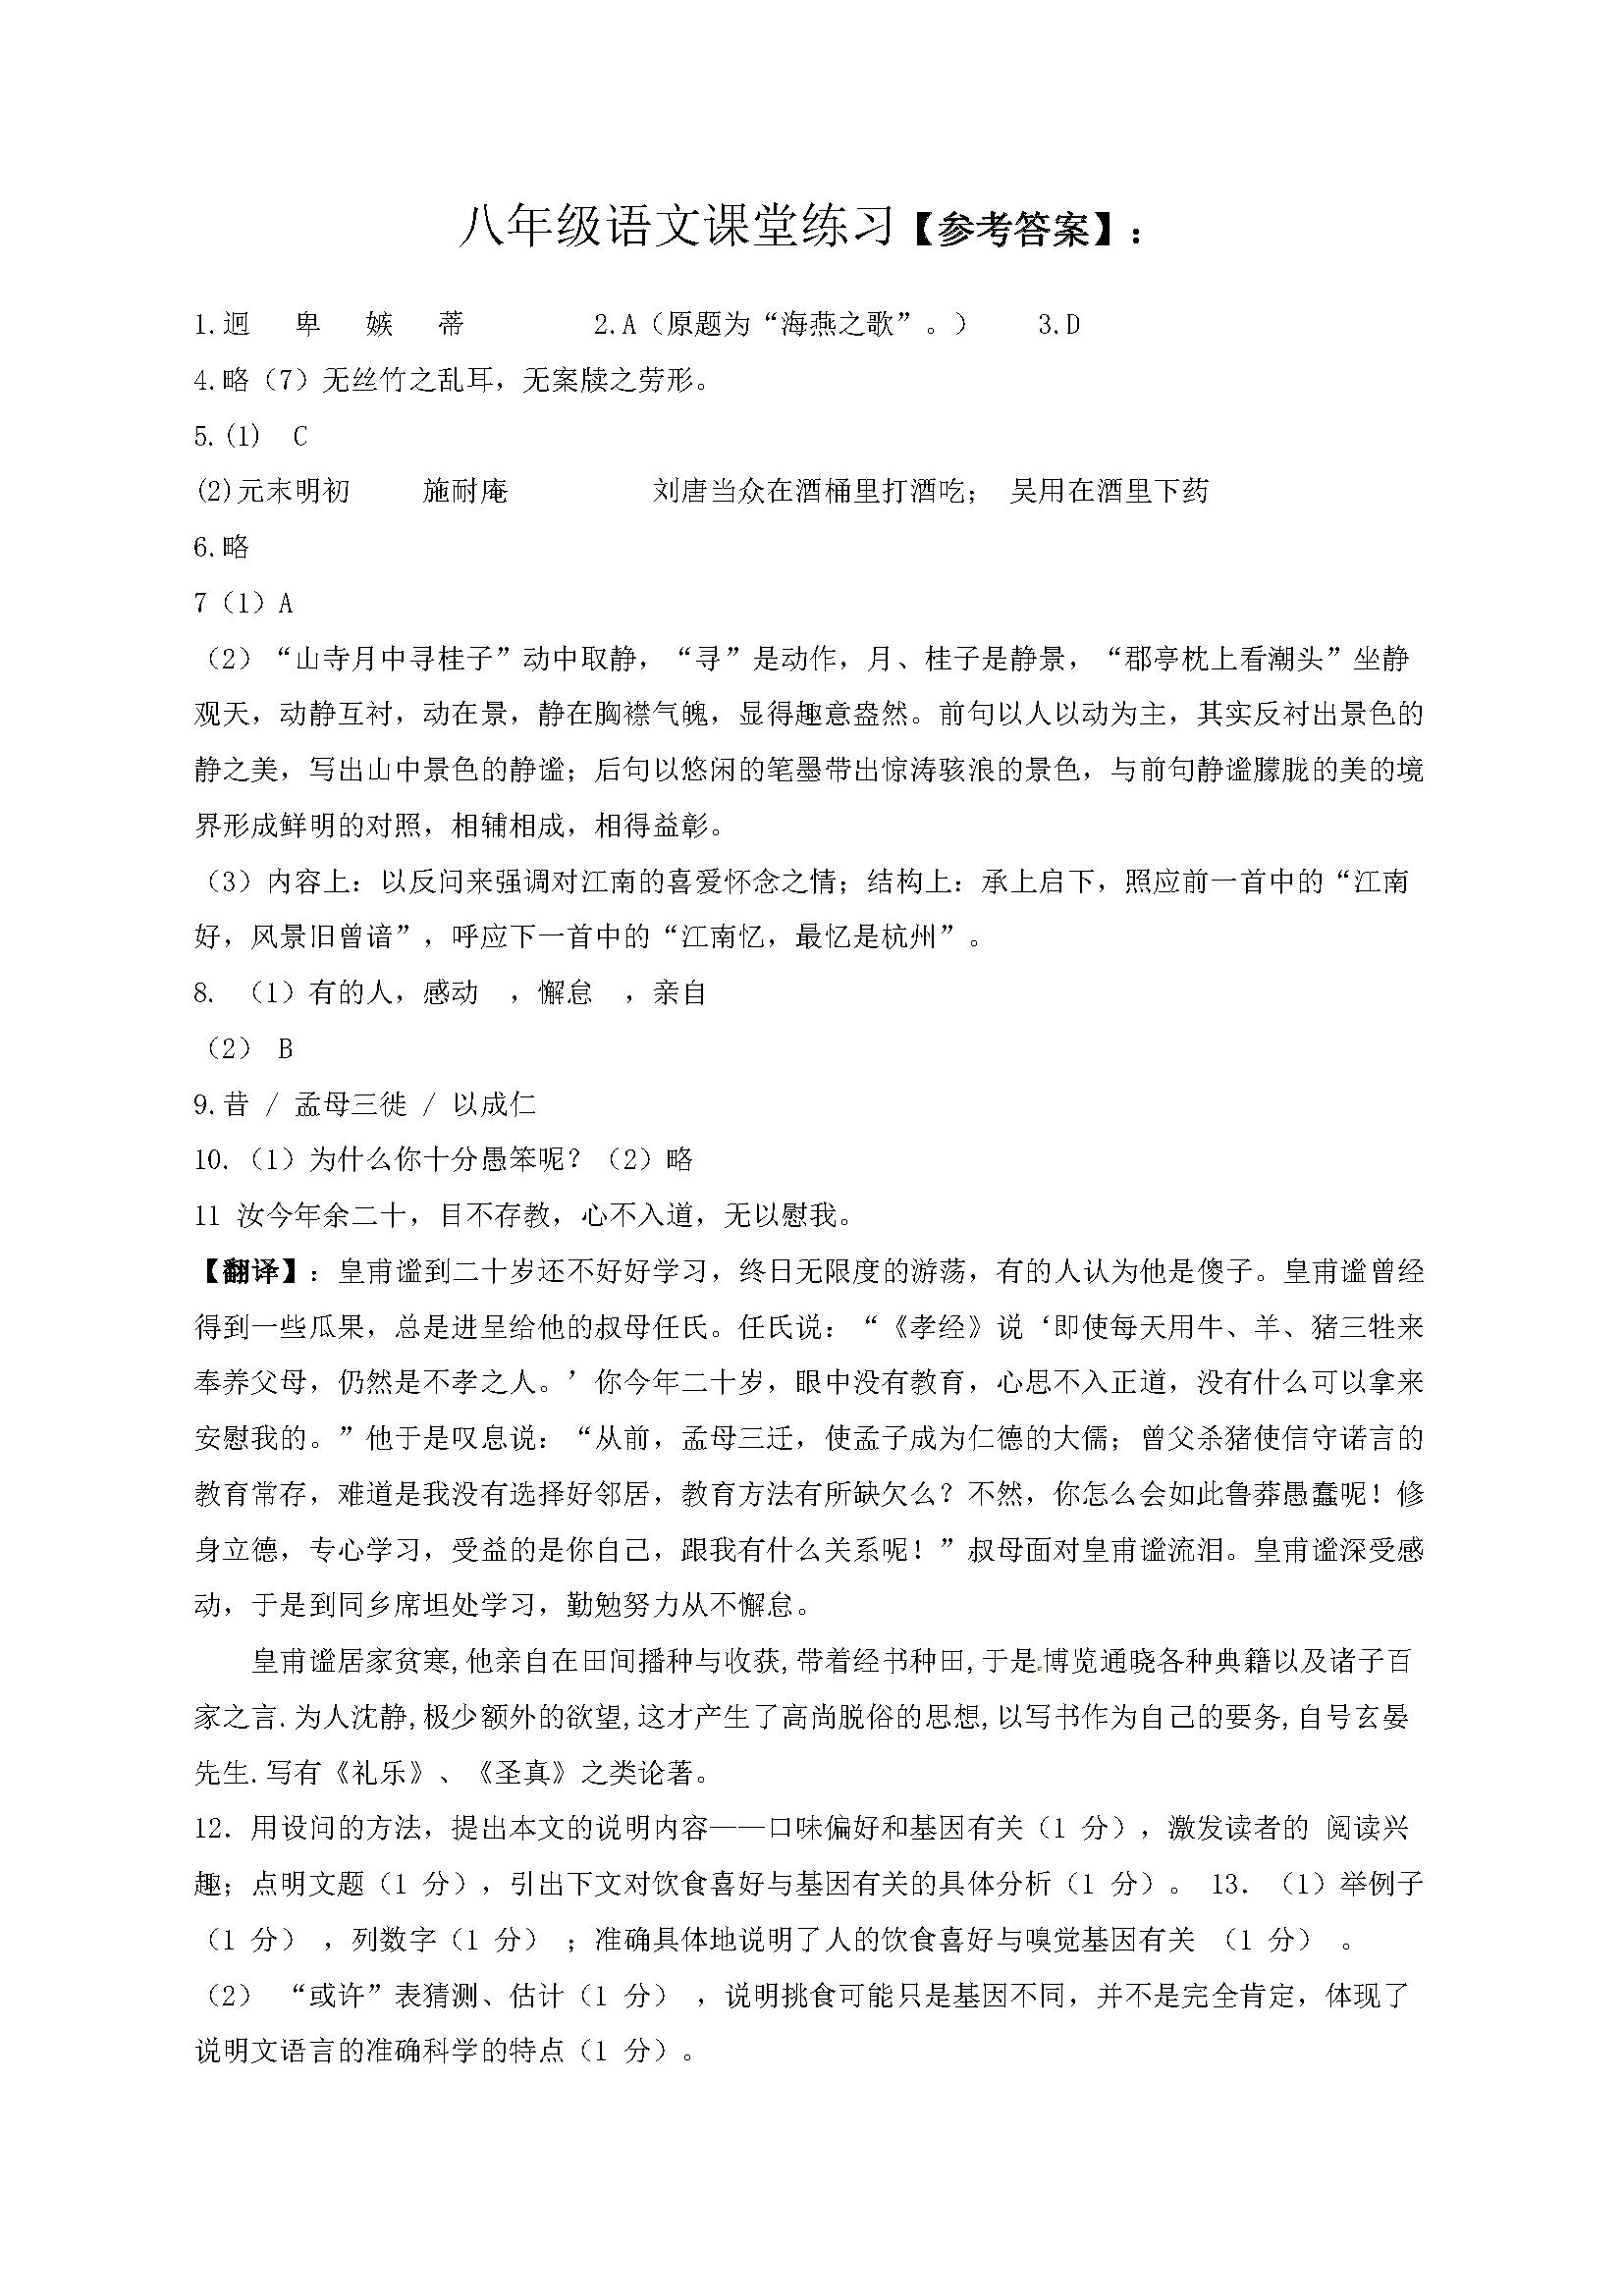 2017江苏靖江实验学校八年级3月课堂练习语文试题答案(图片版)